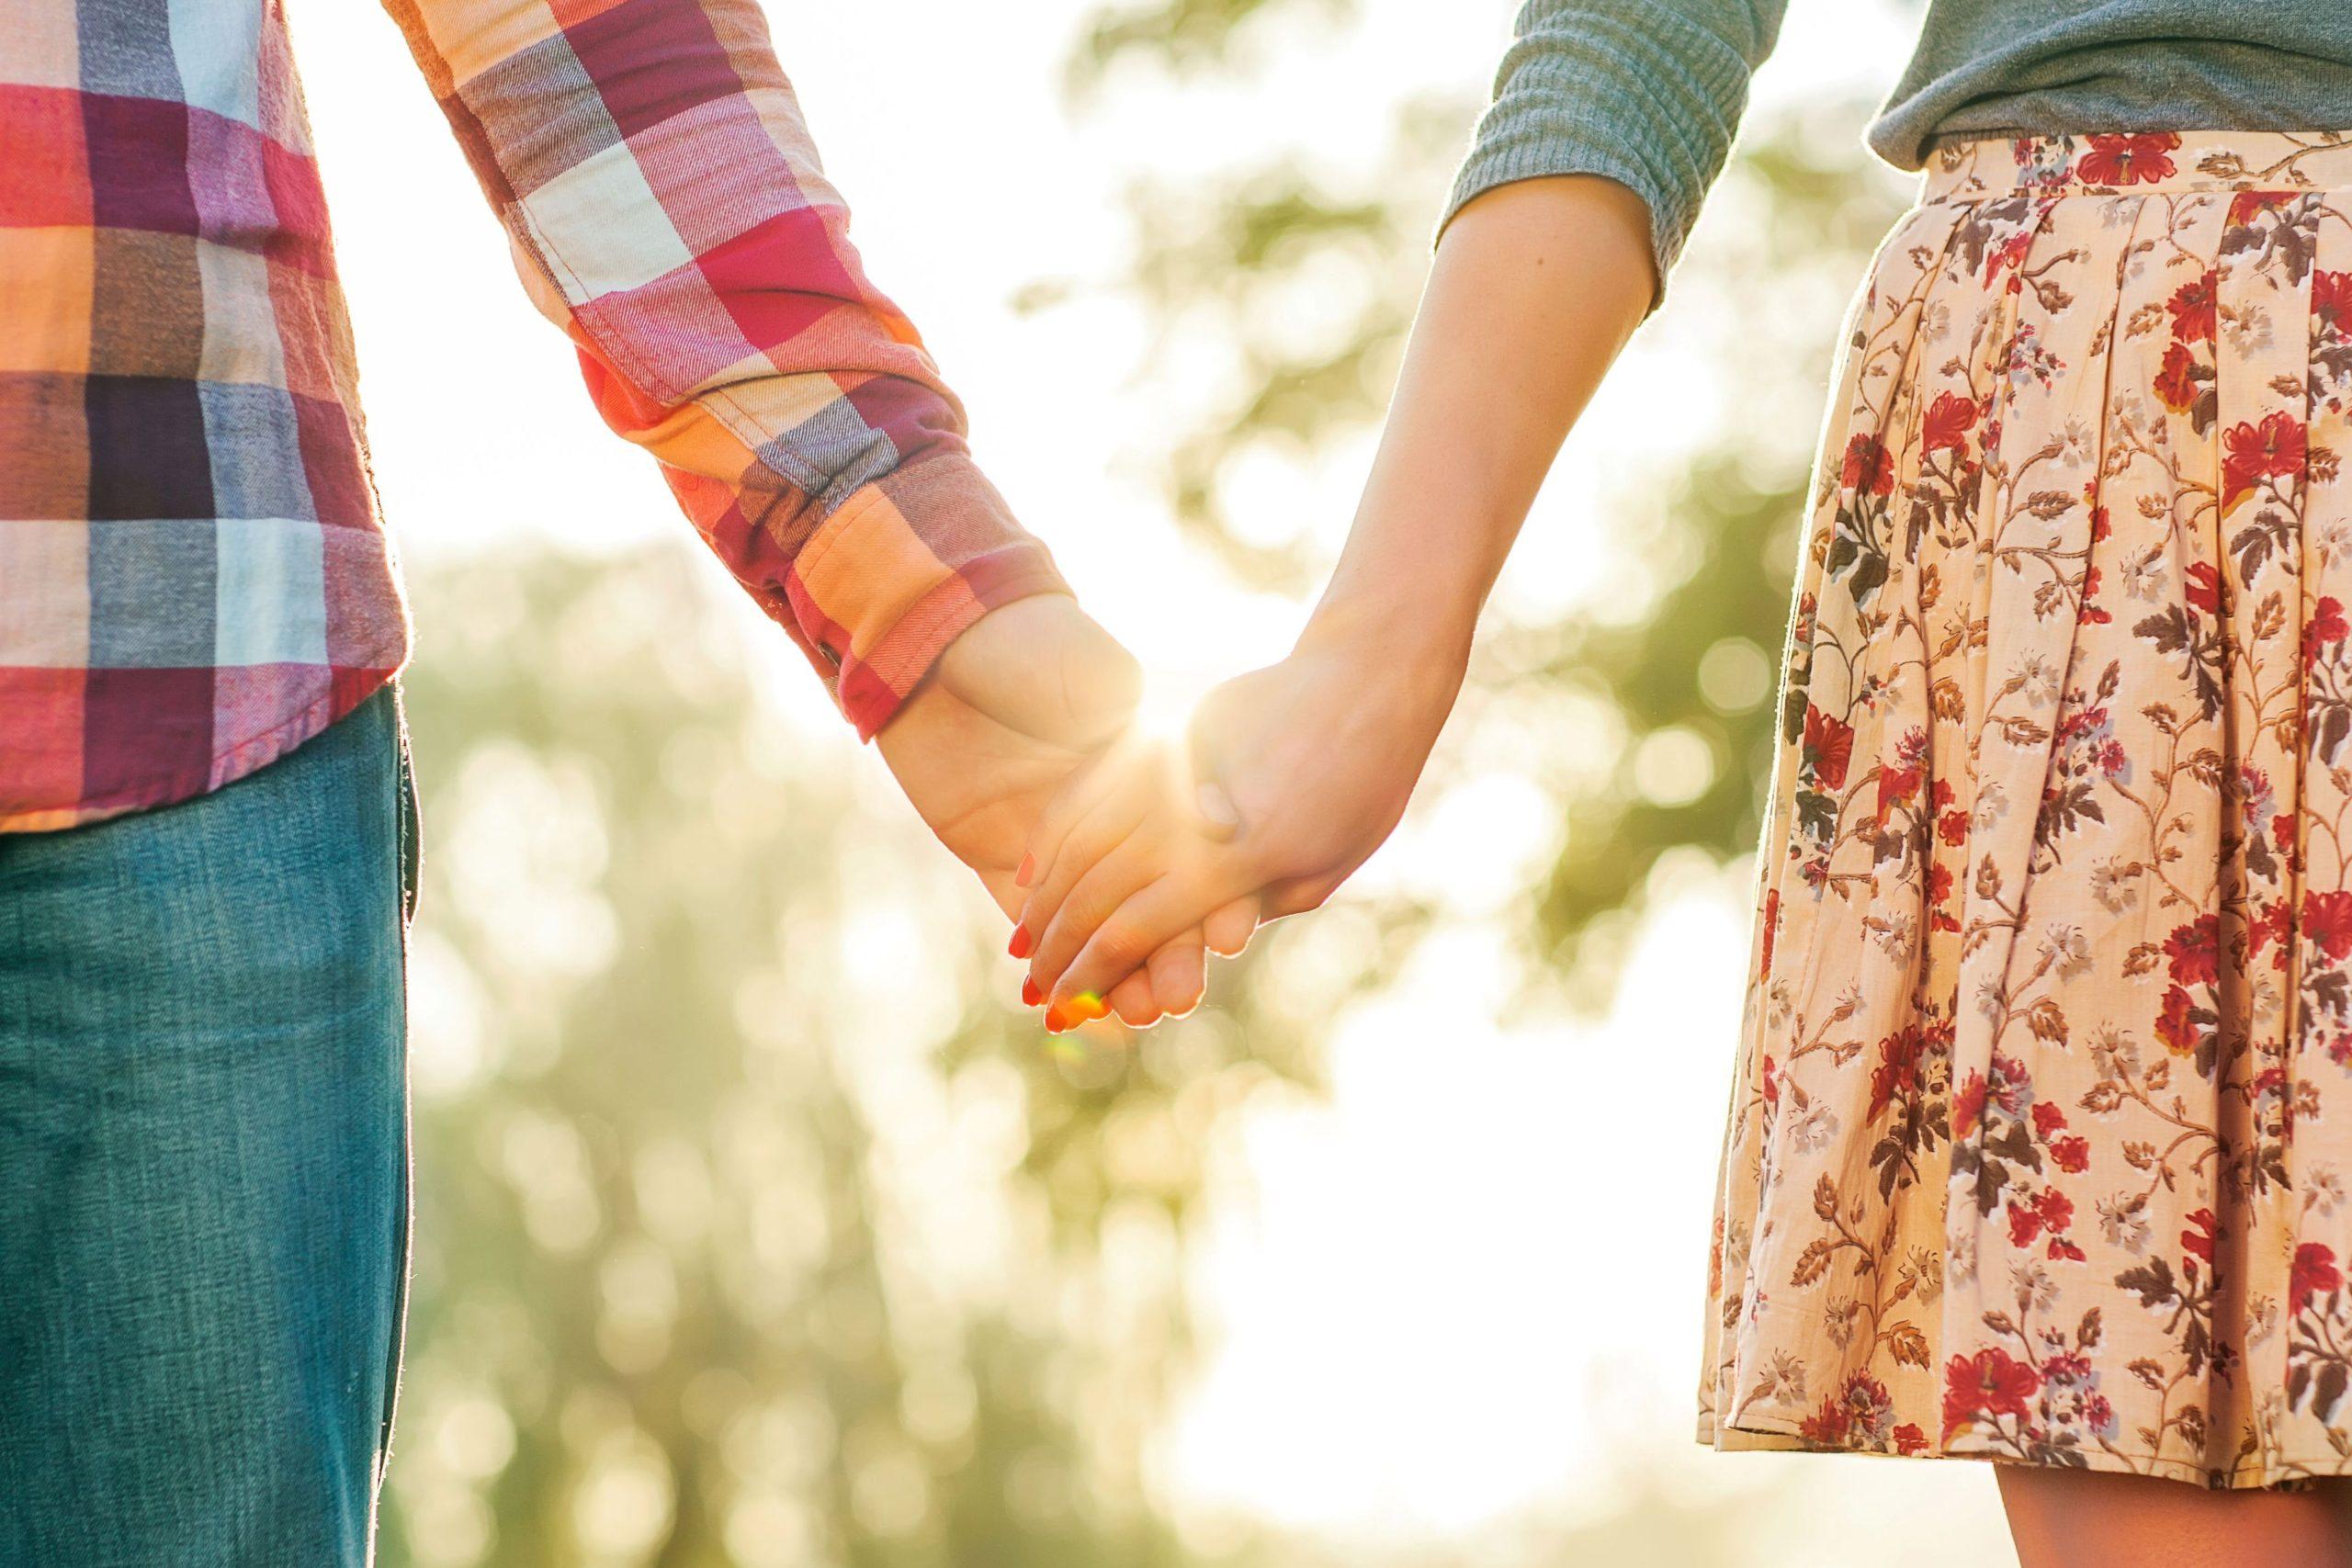 День Петра и Февронии 2021: приметы, традиции и обряды на любовь